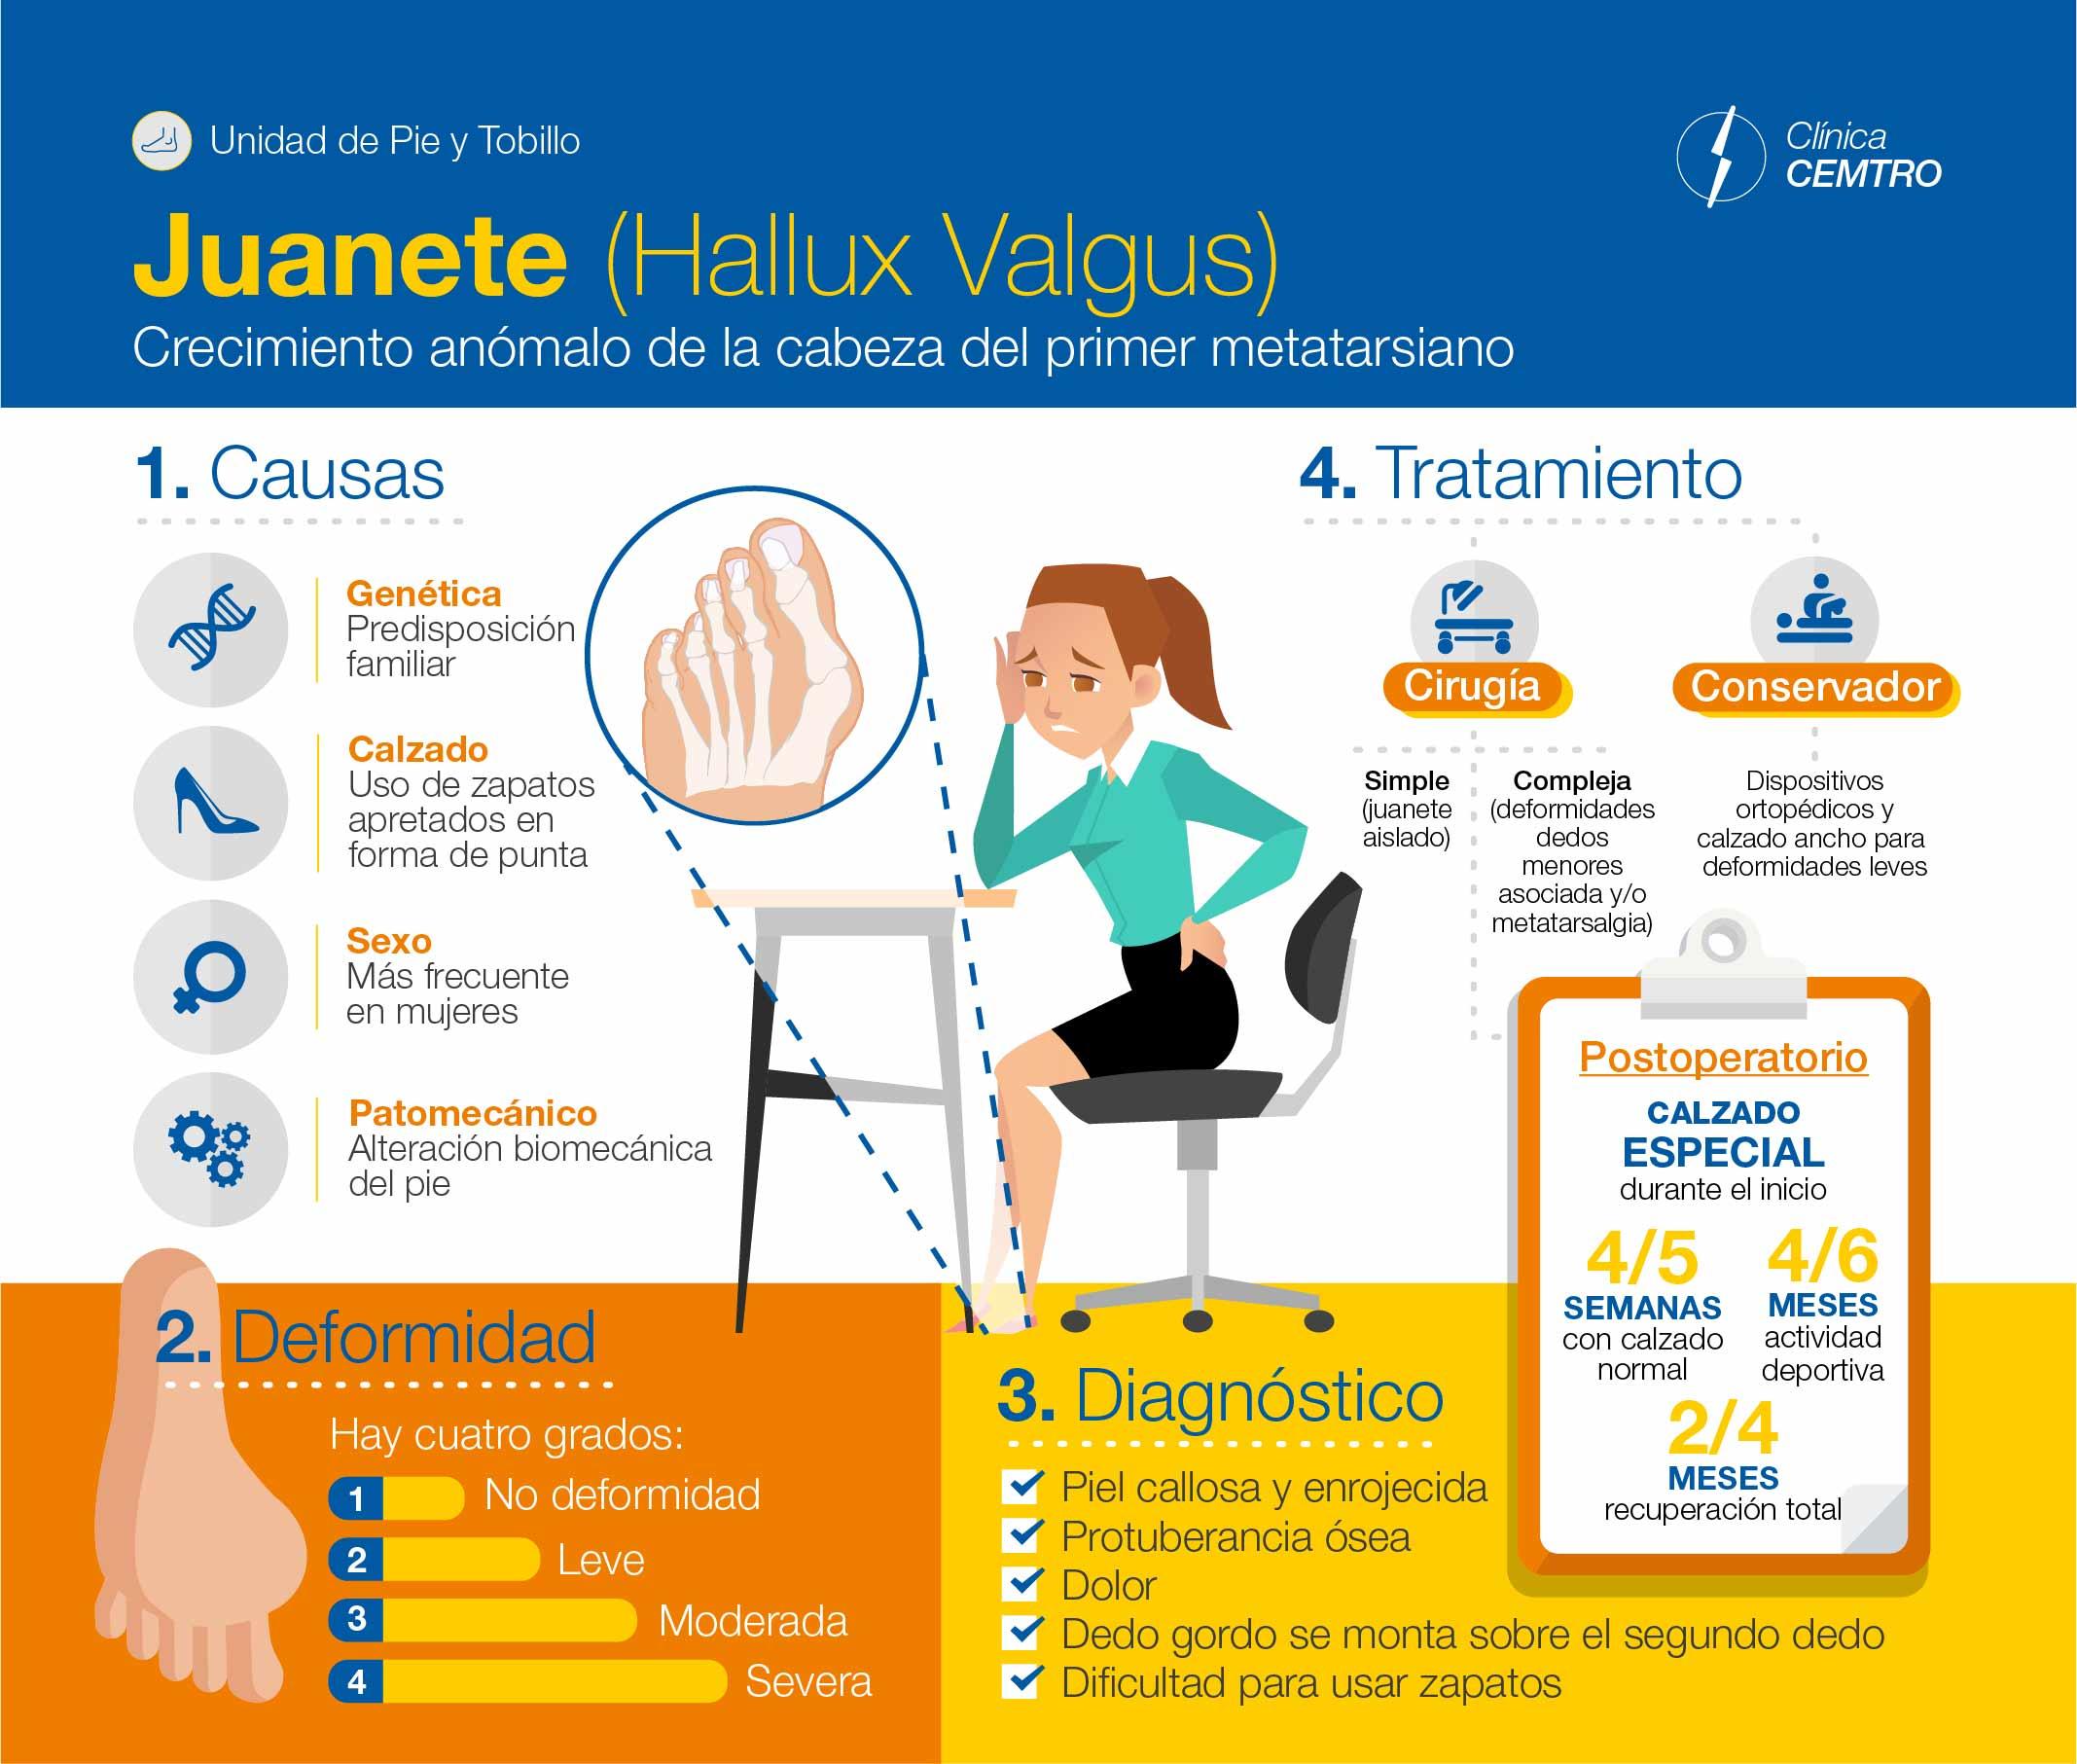 Infografia Proceso Juanete